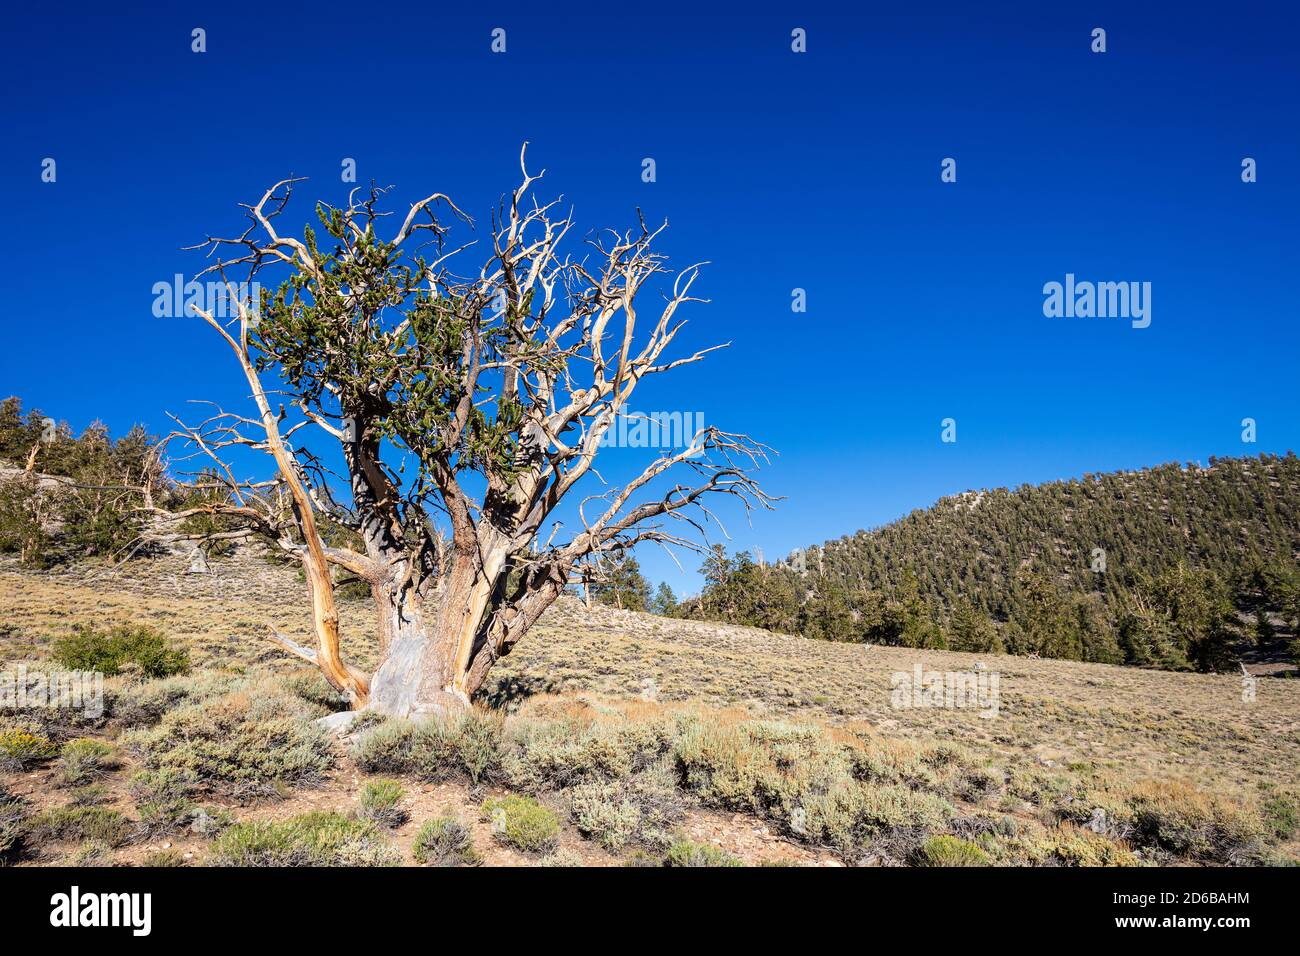 Antiguo bosque de pinos de Bristlecone en las Montañas Blancas y el Bosque Nacional de Inyo cerca de Bishop, California, EE.UU. Foto de stock